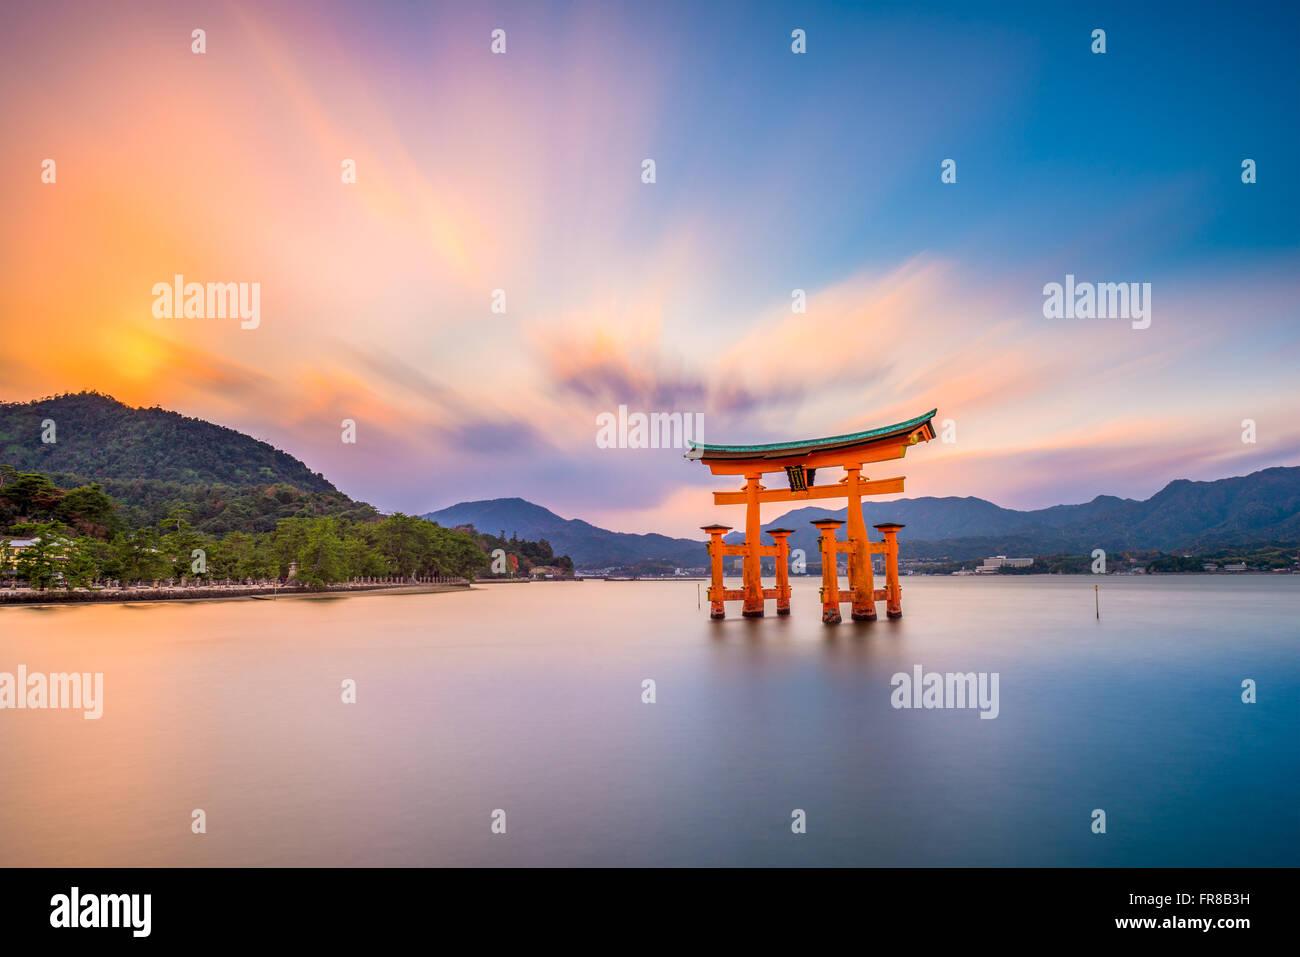 Miyajima, Hiroshima, Japan at the floating gate of Itsukushima Shrine. - Stock Image